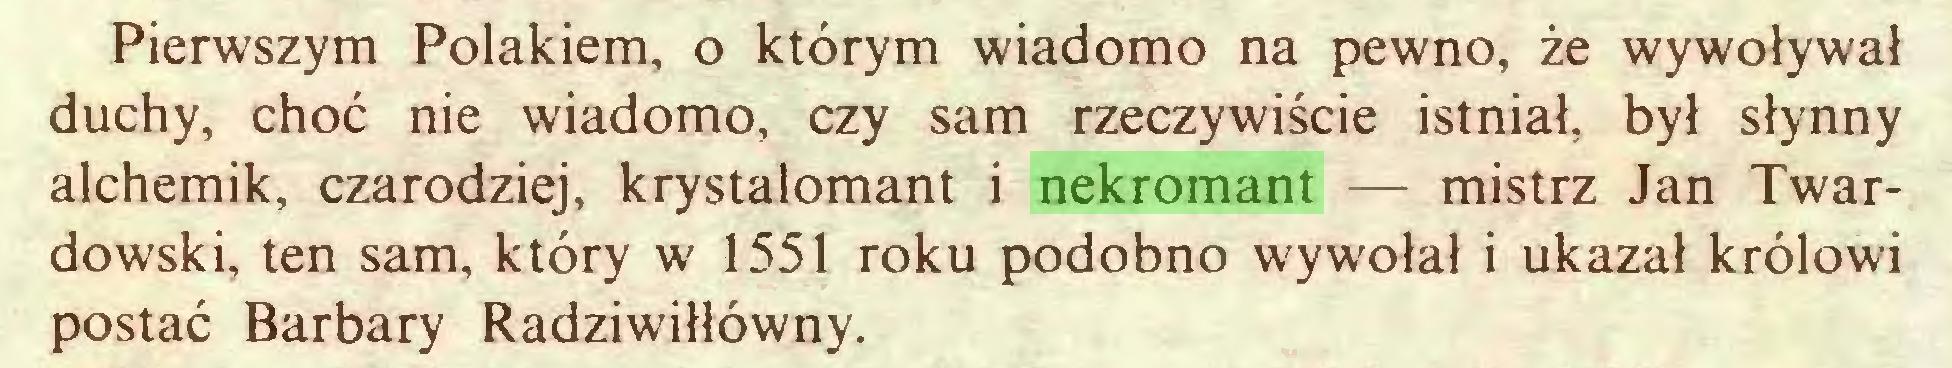 (...) Pierwszym Polakiem, o którym wiadomo na pewno, że wywoływał duchy, choć nie wiadomo, czy sam rzeczywiście istniał, był słynny alchemik, czarodziej, krystalomant i nekromant — mistrz Jan Twardowski, ten sam, który w 1551 roku podobno wywołał i ukazał królowi postać Barbary Radziwiłłówny...